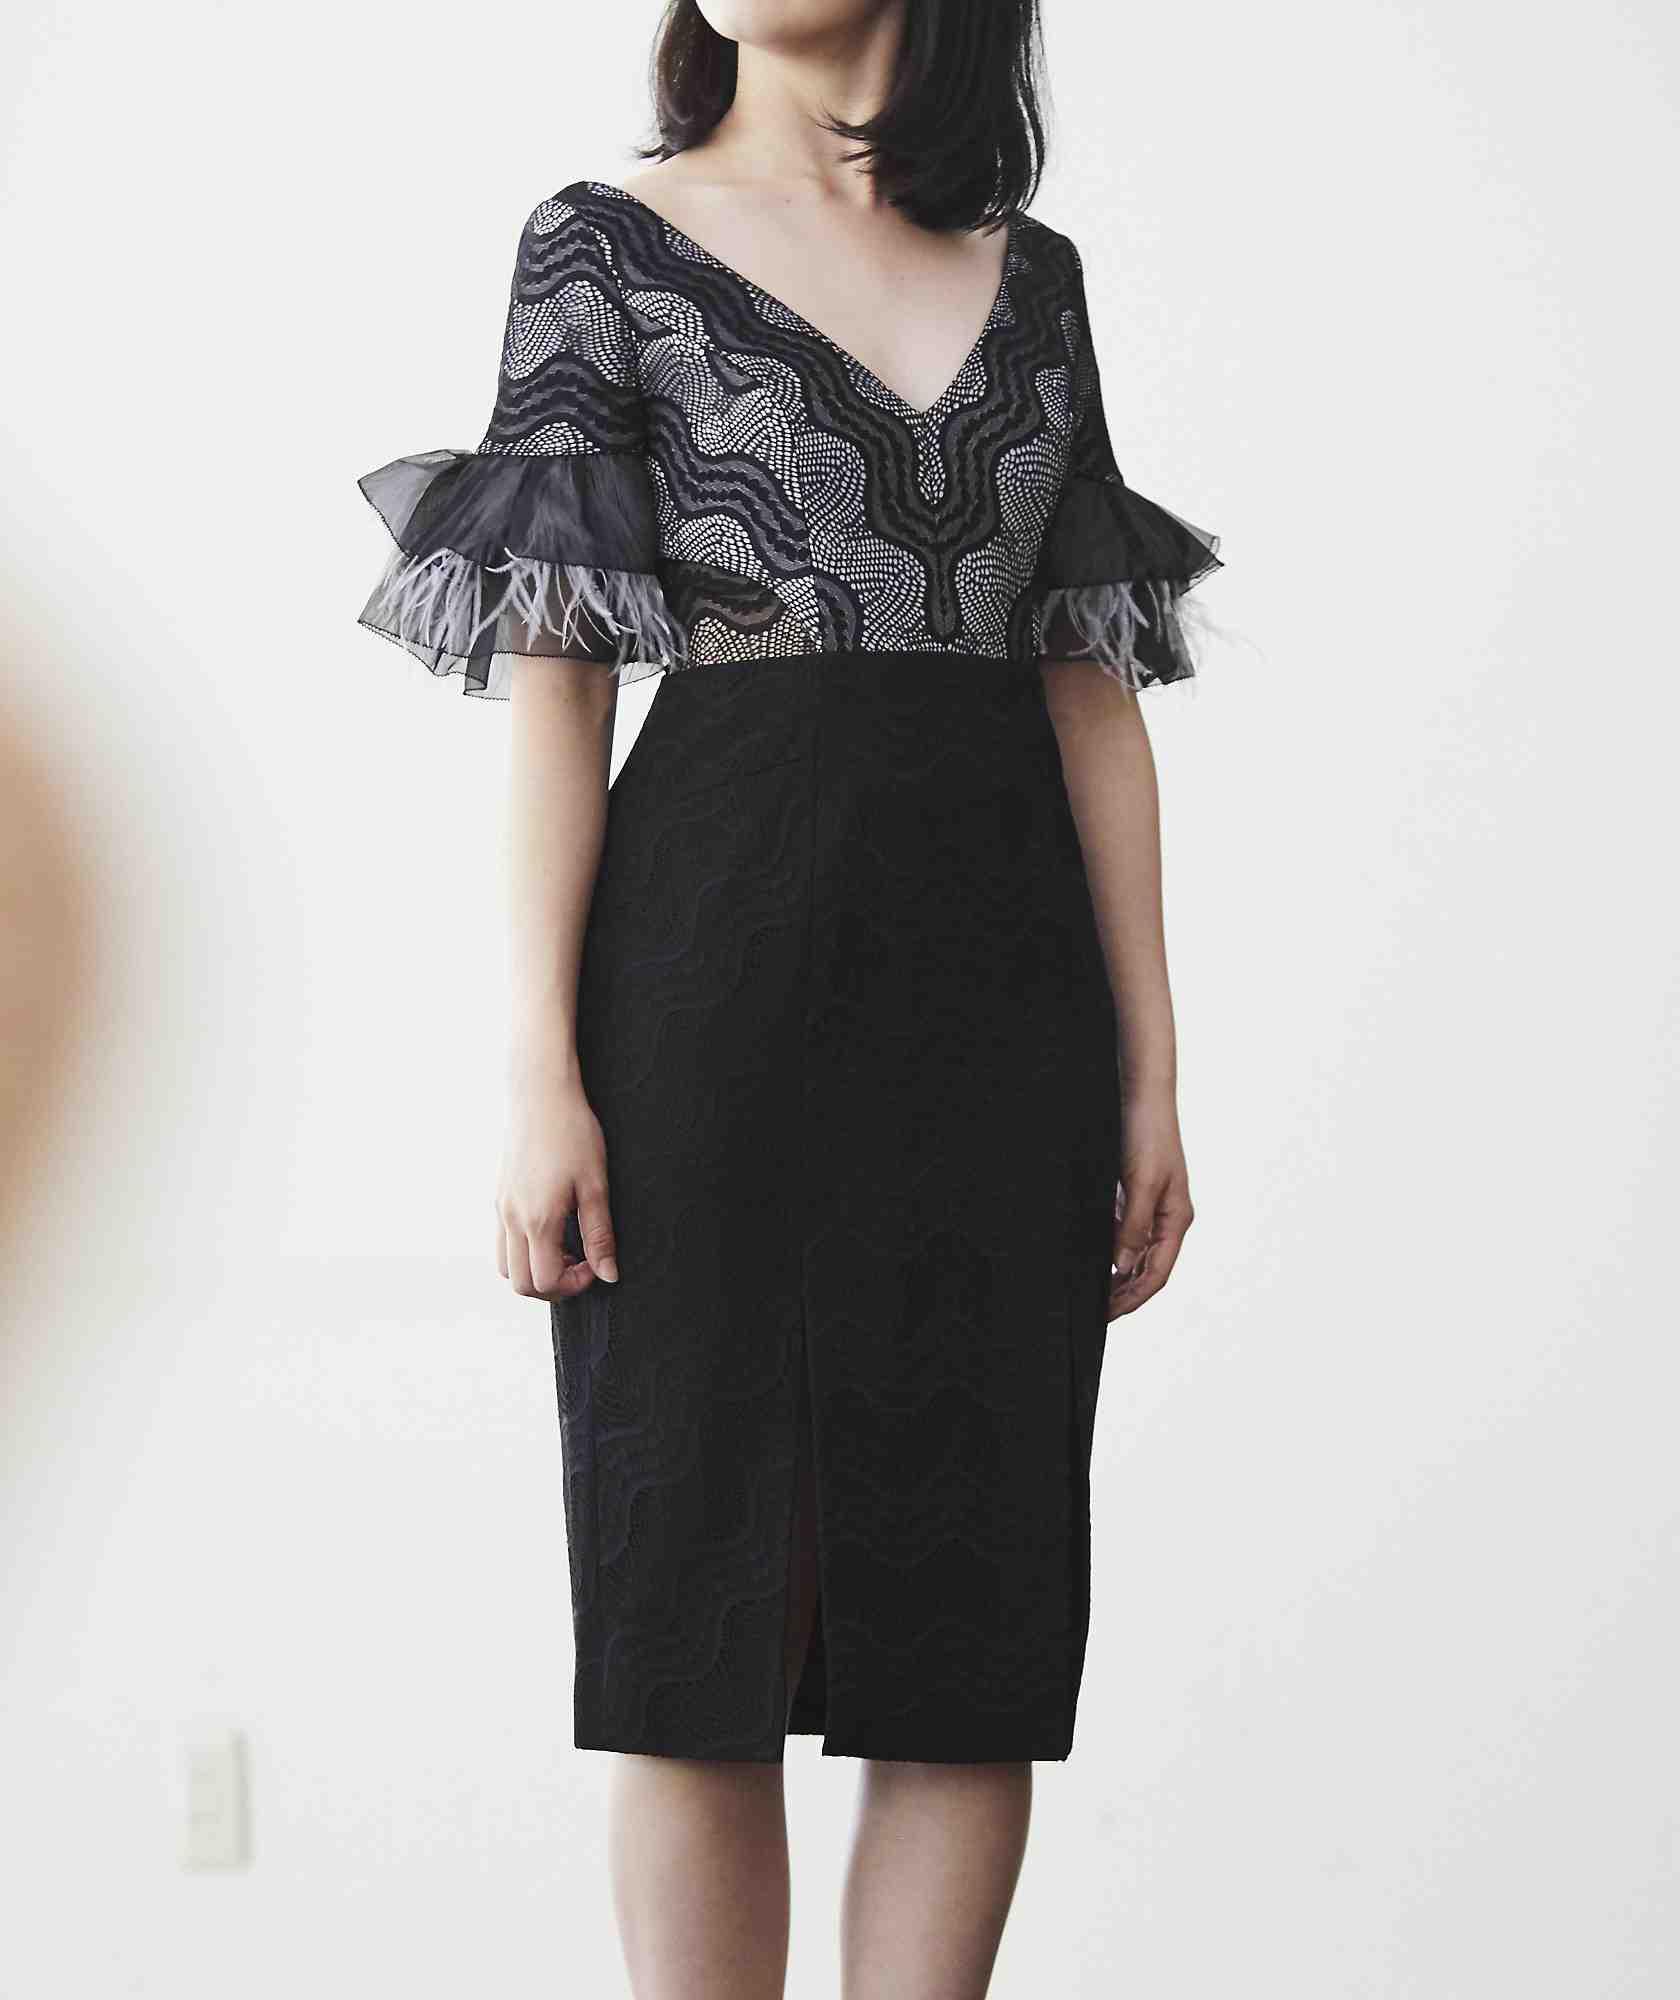 フェザースリーブVネックミディアムドレス-ブラック-S-M